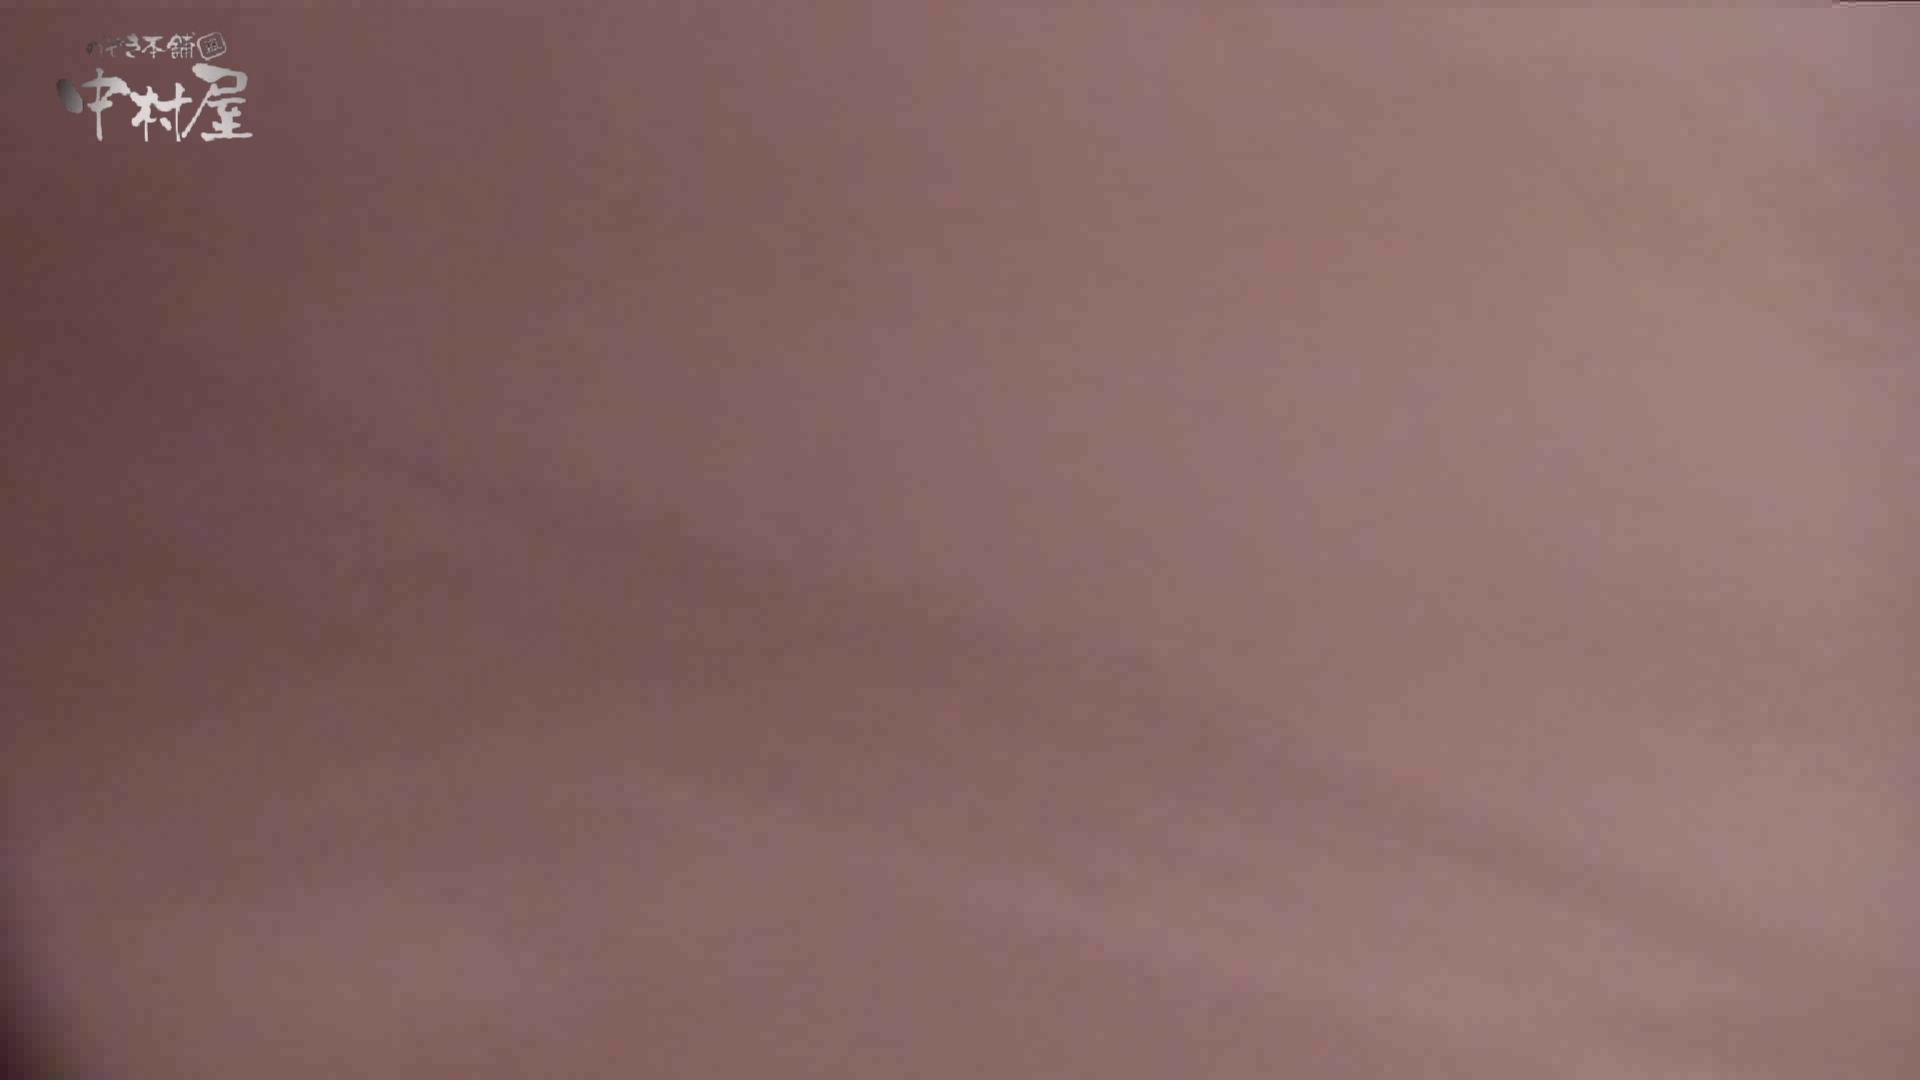 洗面所突入レポート!!vol.14 盗撮 おまんこ無修正動画無料 113連発 53